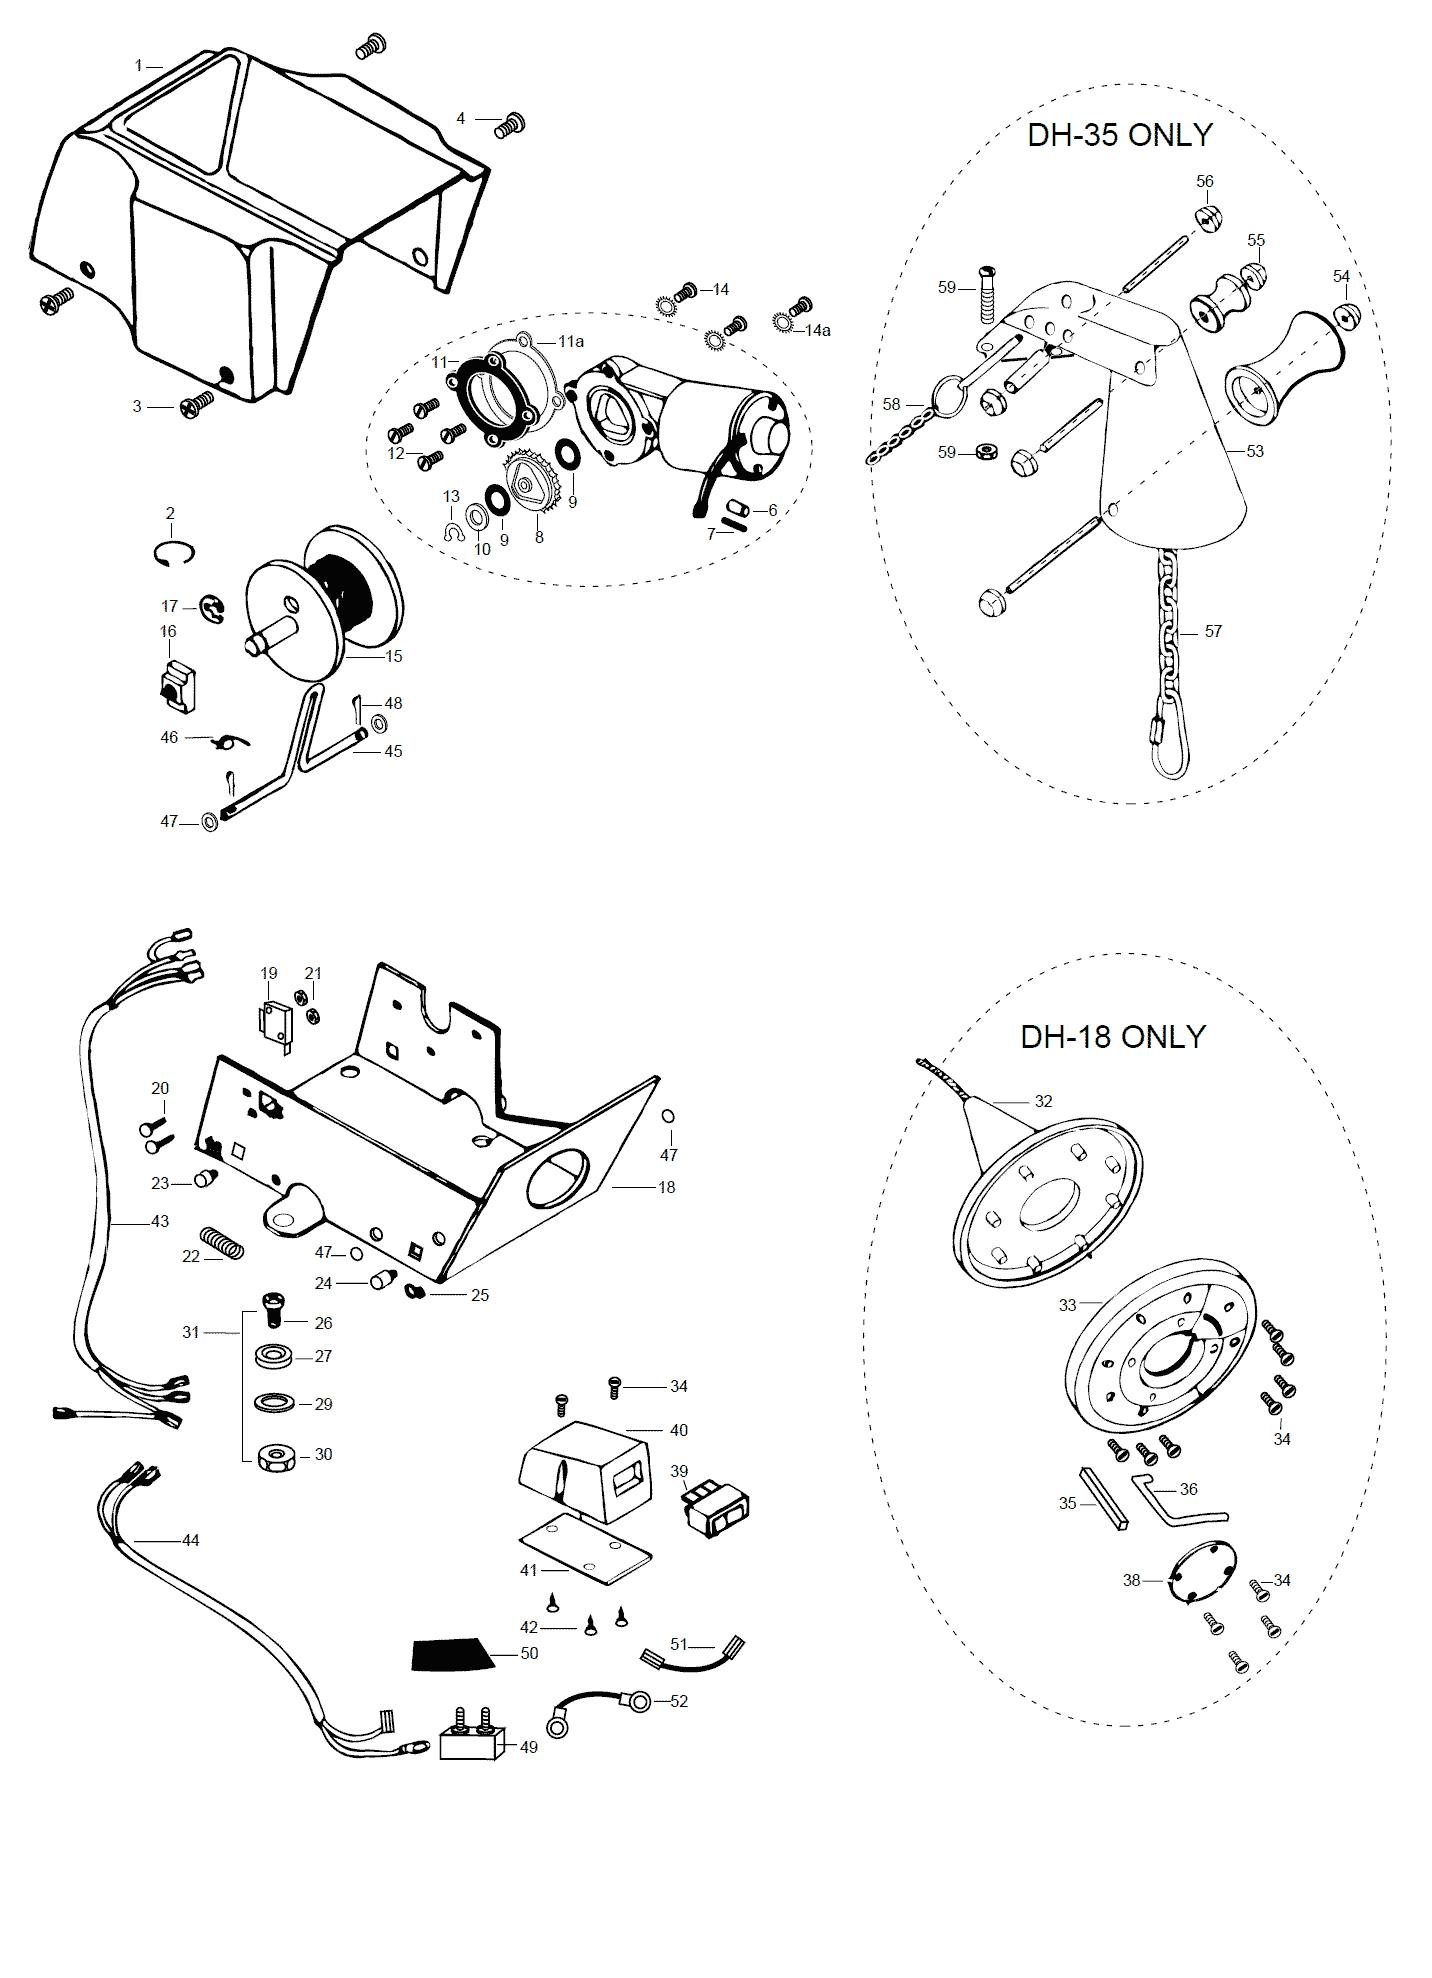 seachoice wiring diagram